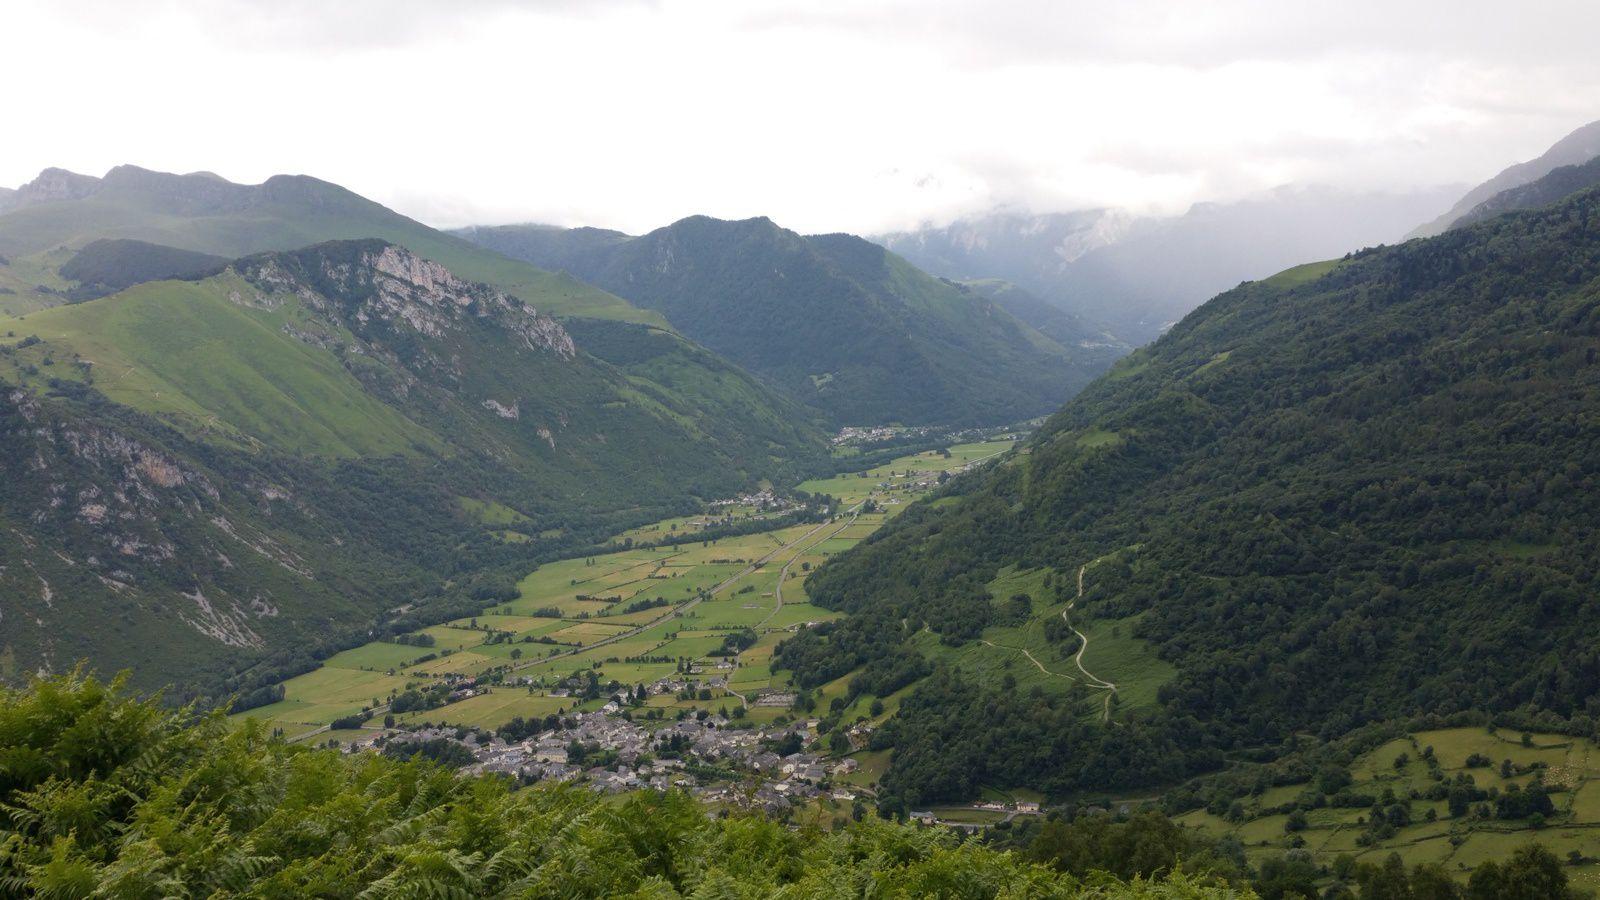 de la haut une vue remarquable sur la vallée et les villages de Bilhères-en-Ossau et Bielle notre port d'attache,